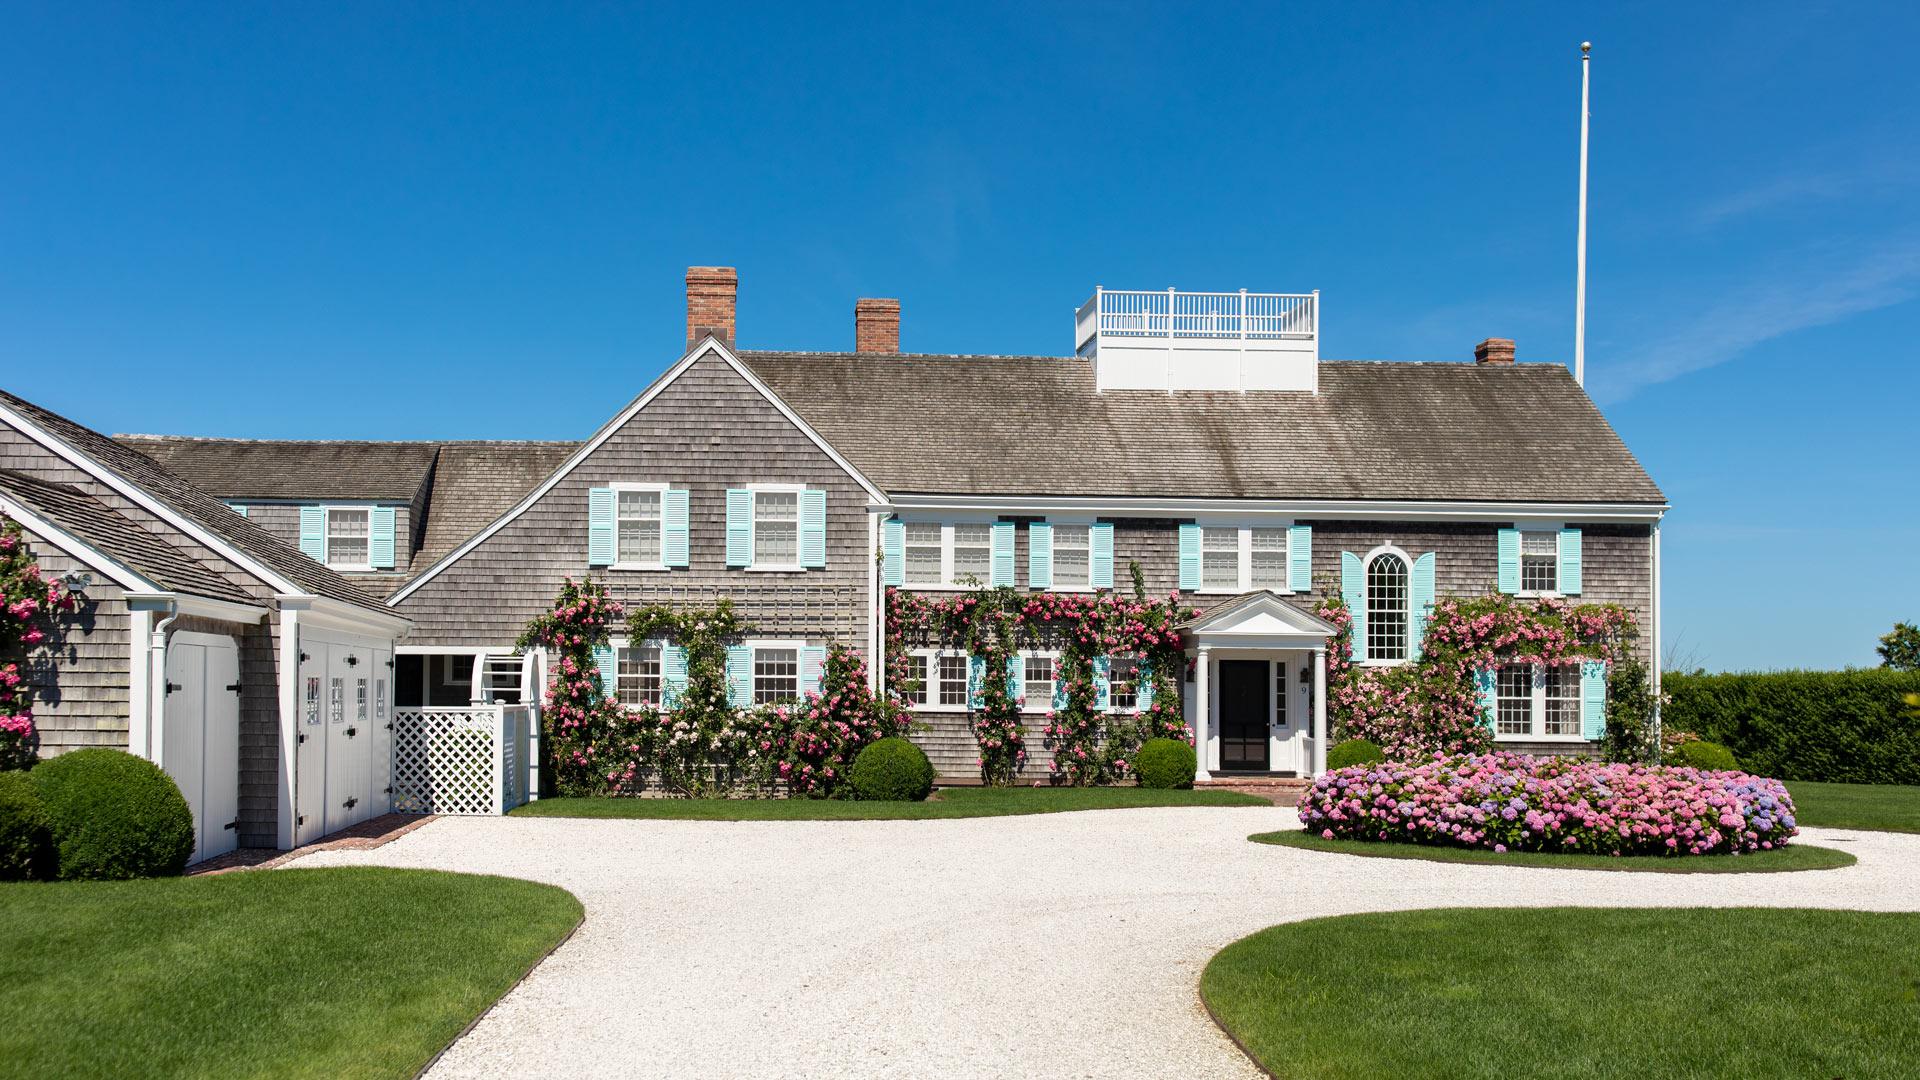 Jennifer Lake Free Zoom Backgrounds Nantucket Turquoise House